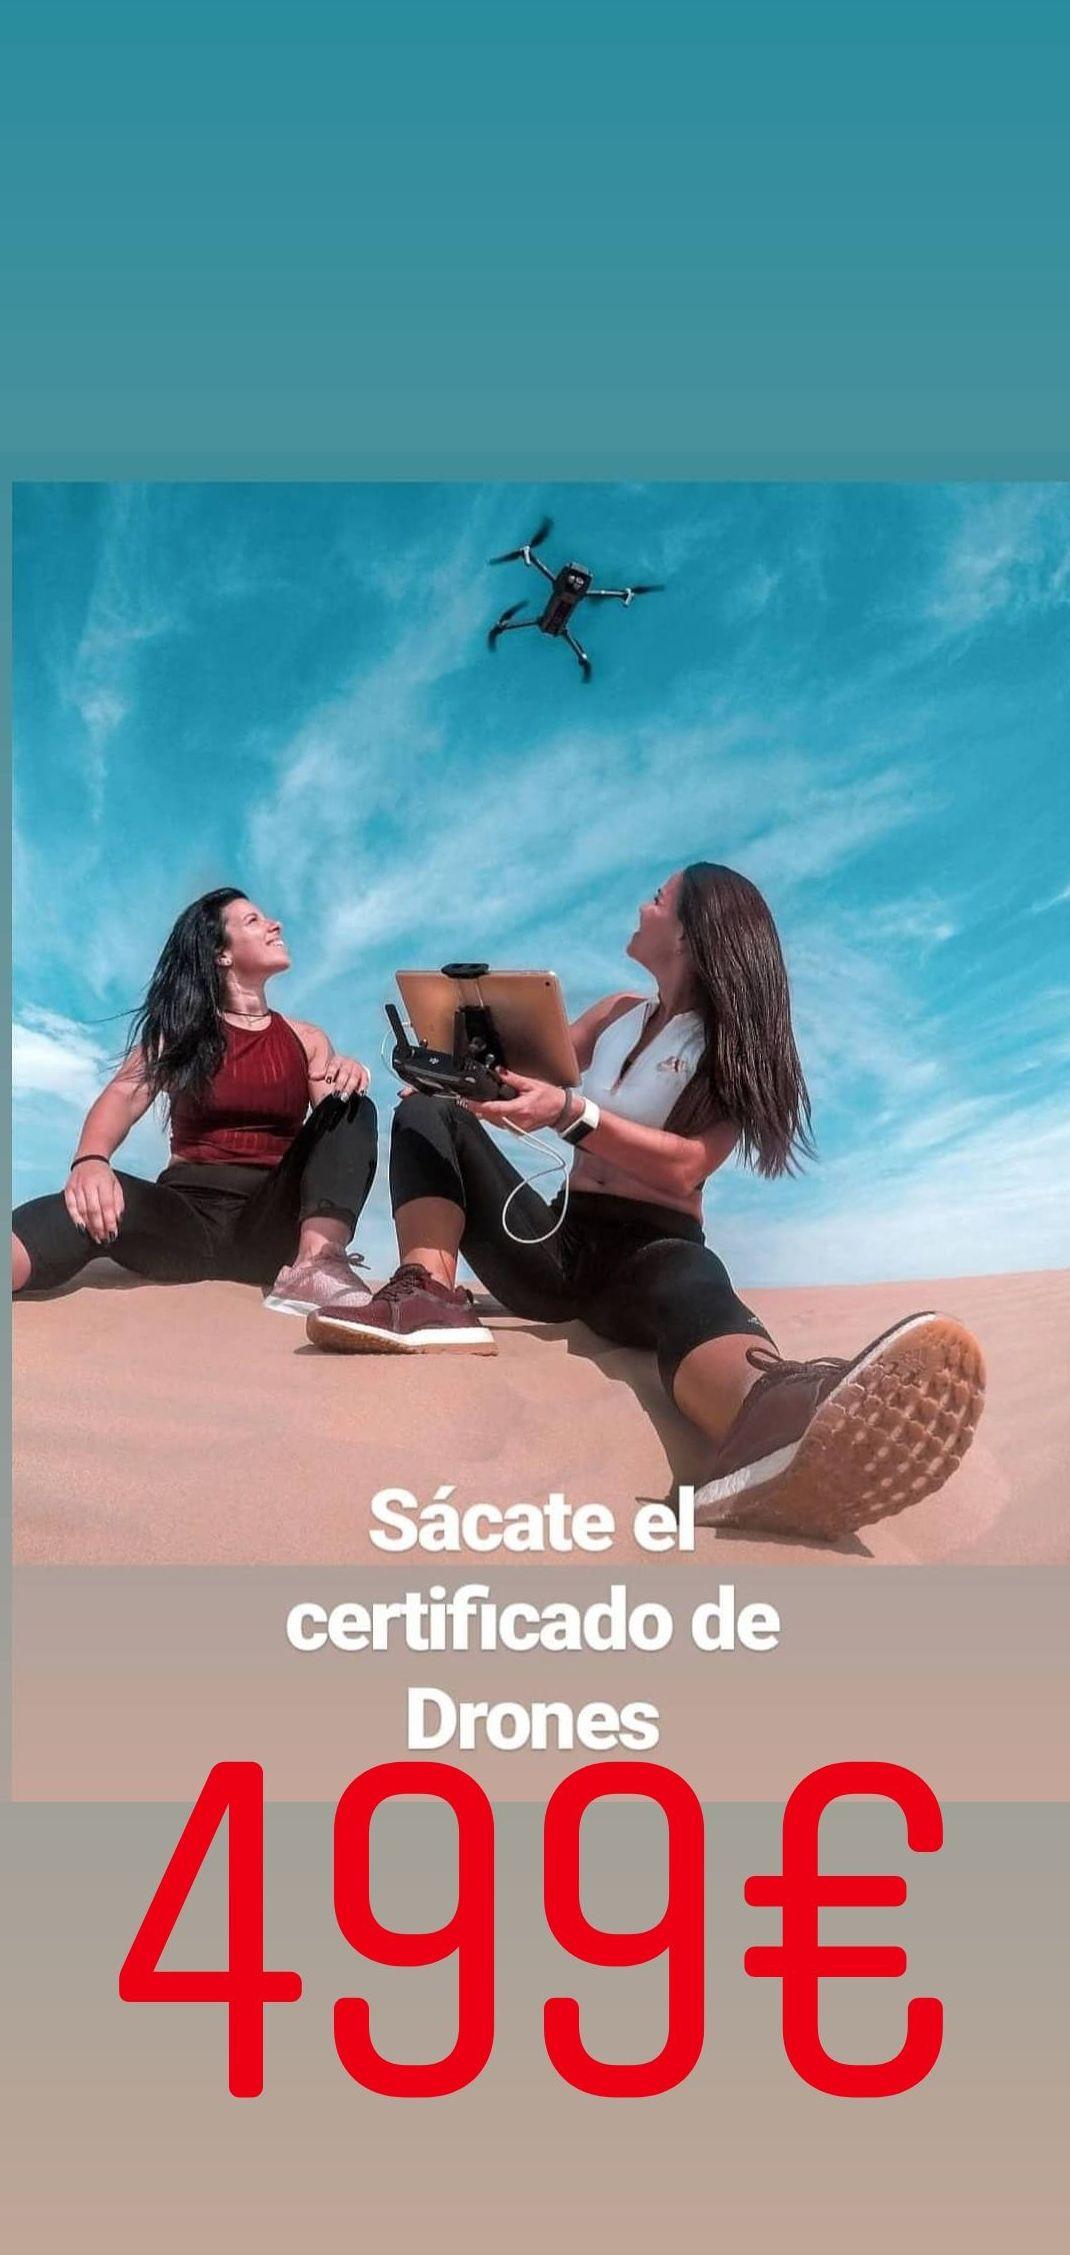 Certificado de drones en Madrid centro